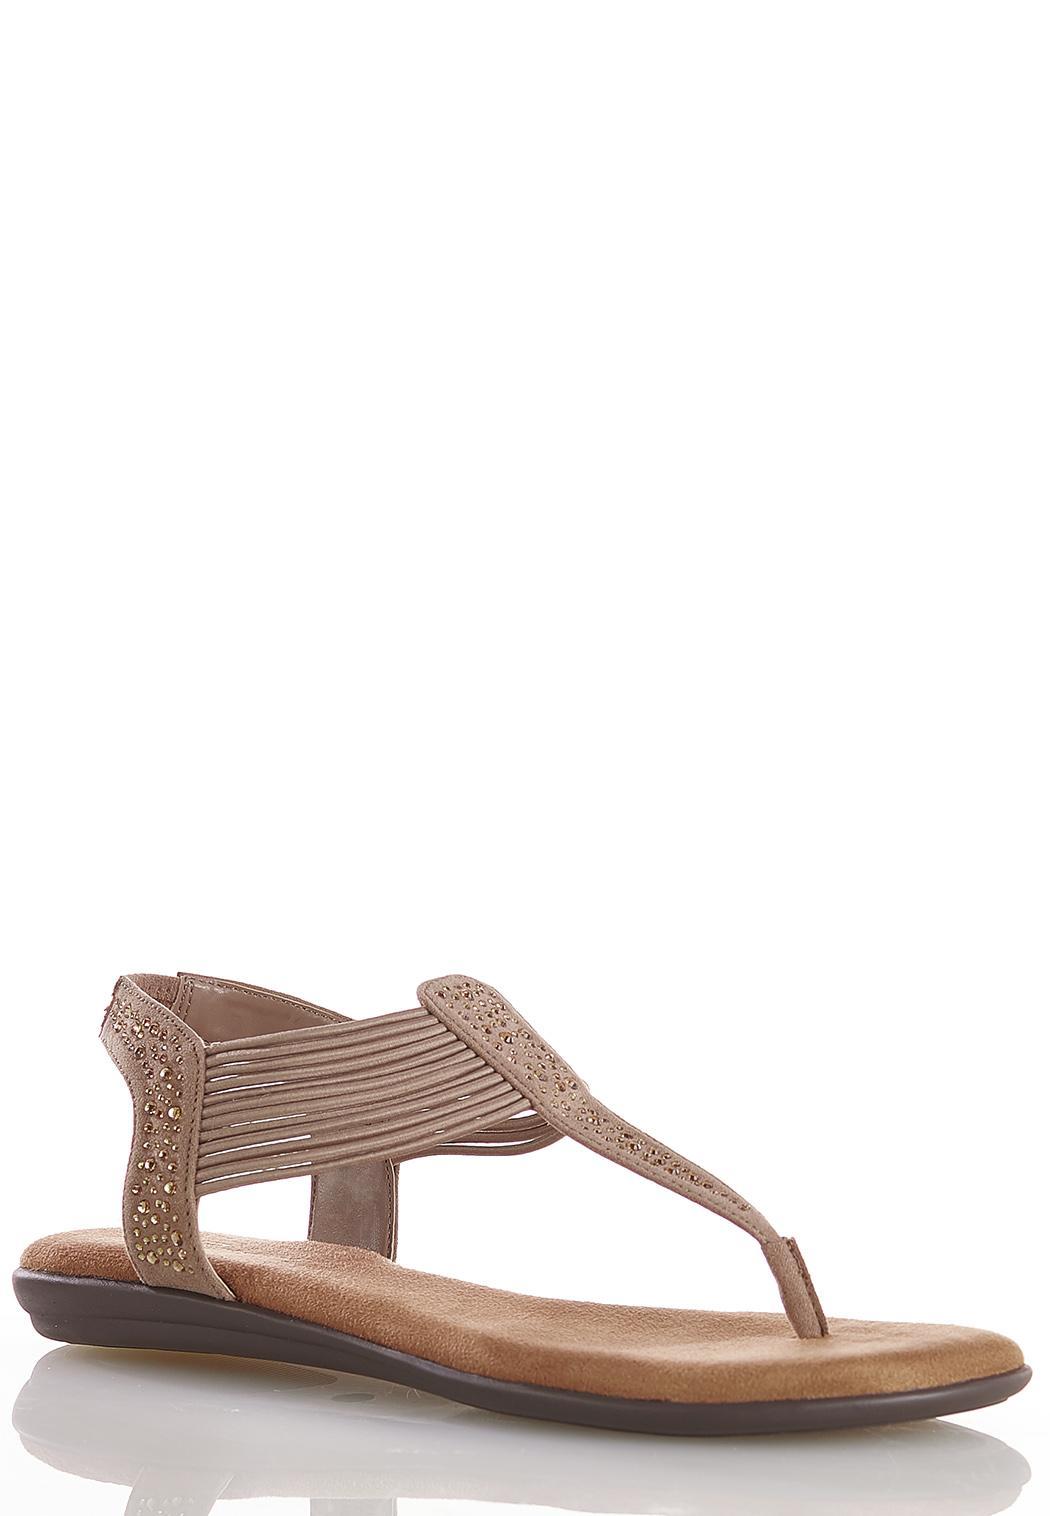 Stretch Band Embellished Sandals